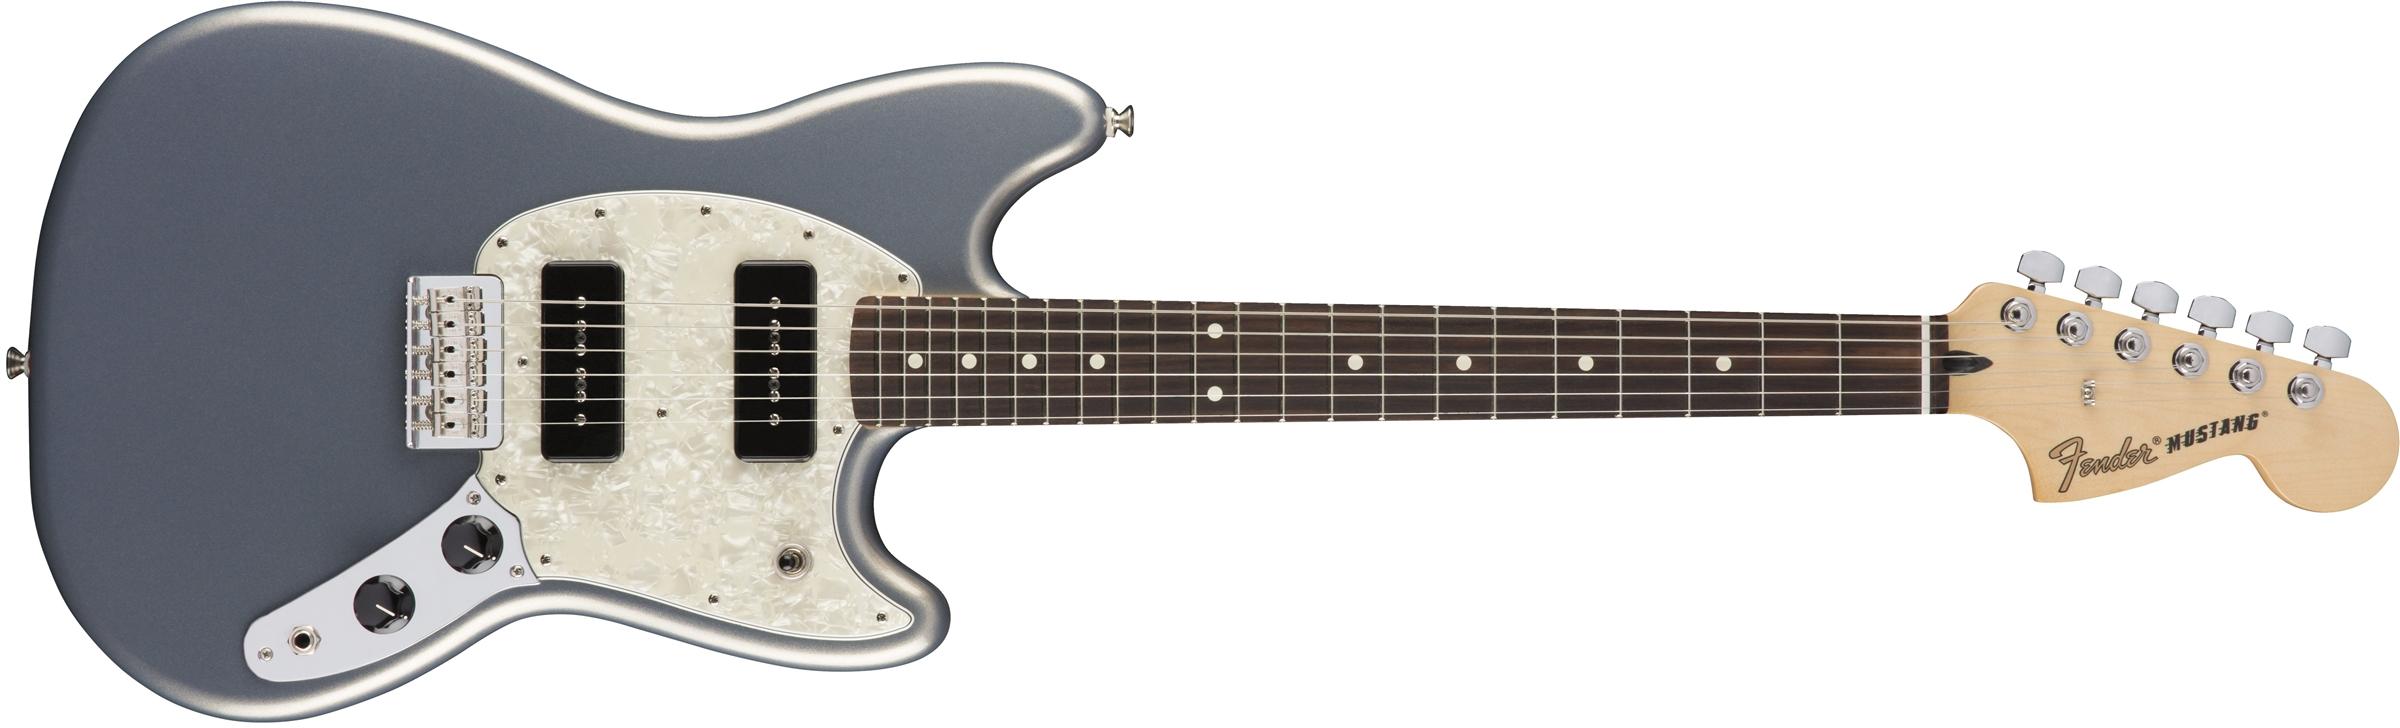 Fender Mustang 90 Rosewood Fingerboard Silver